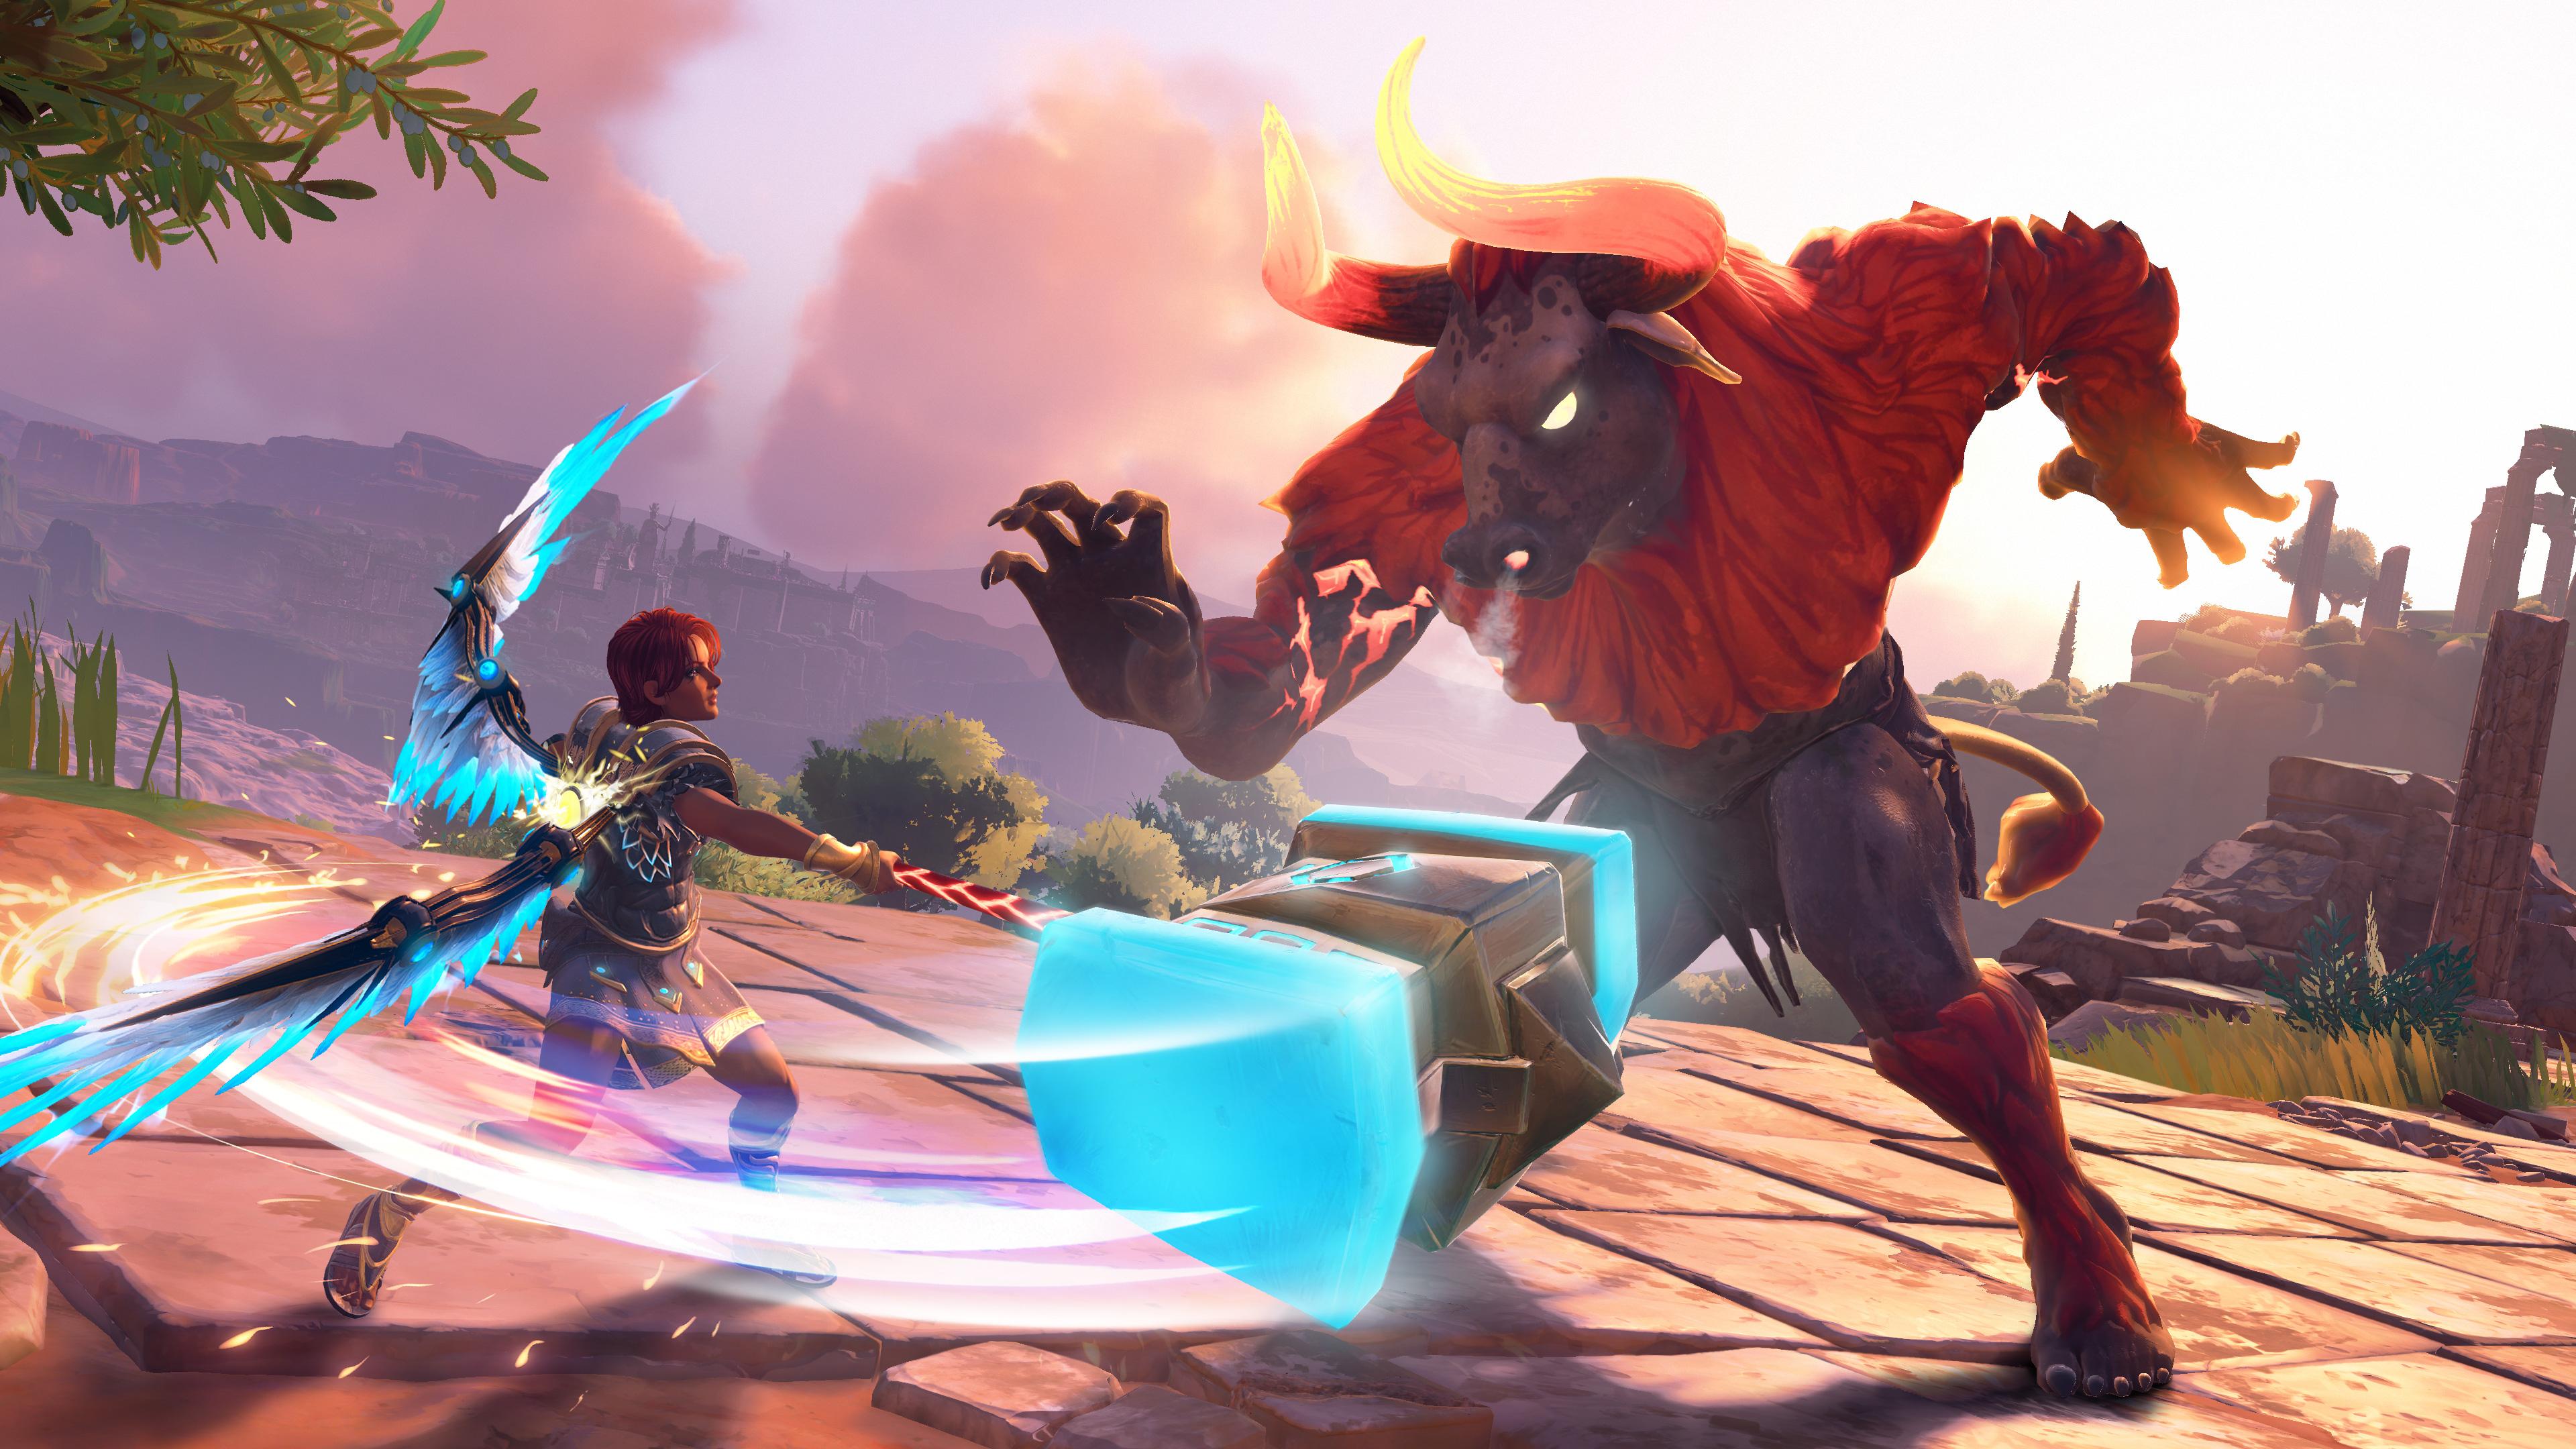 Скриншот №2 к Immortals Fenyx Rising PS4 and PS5